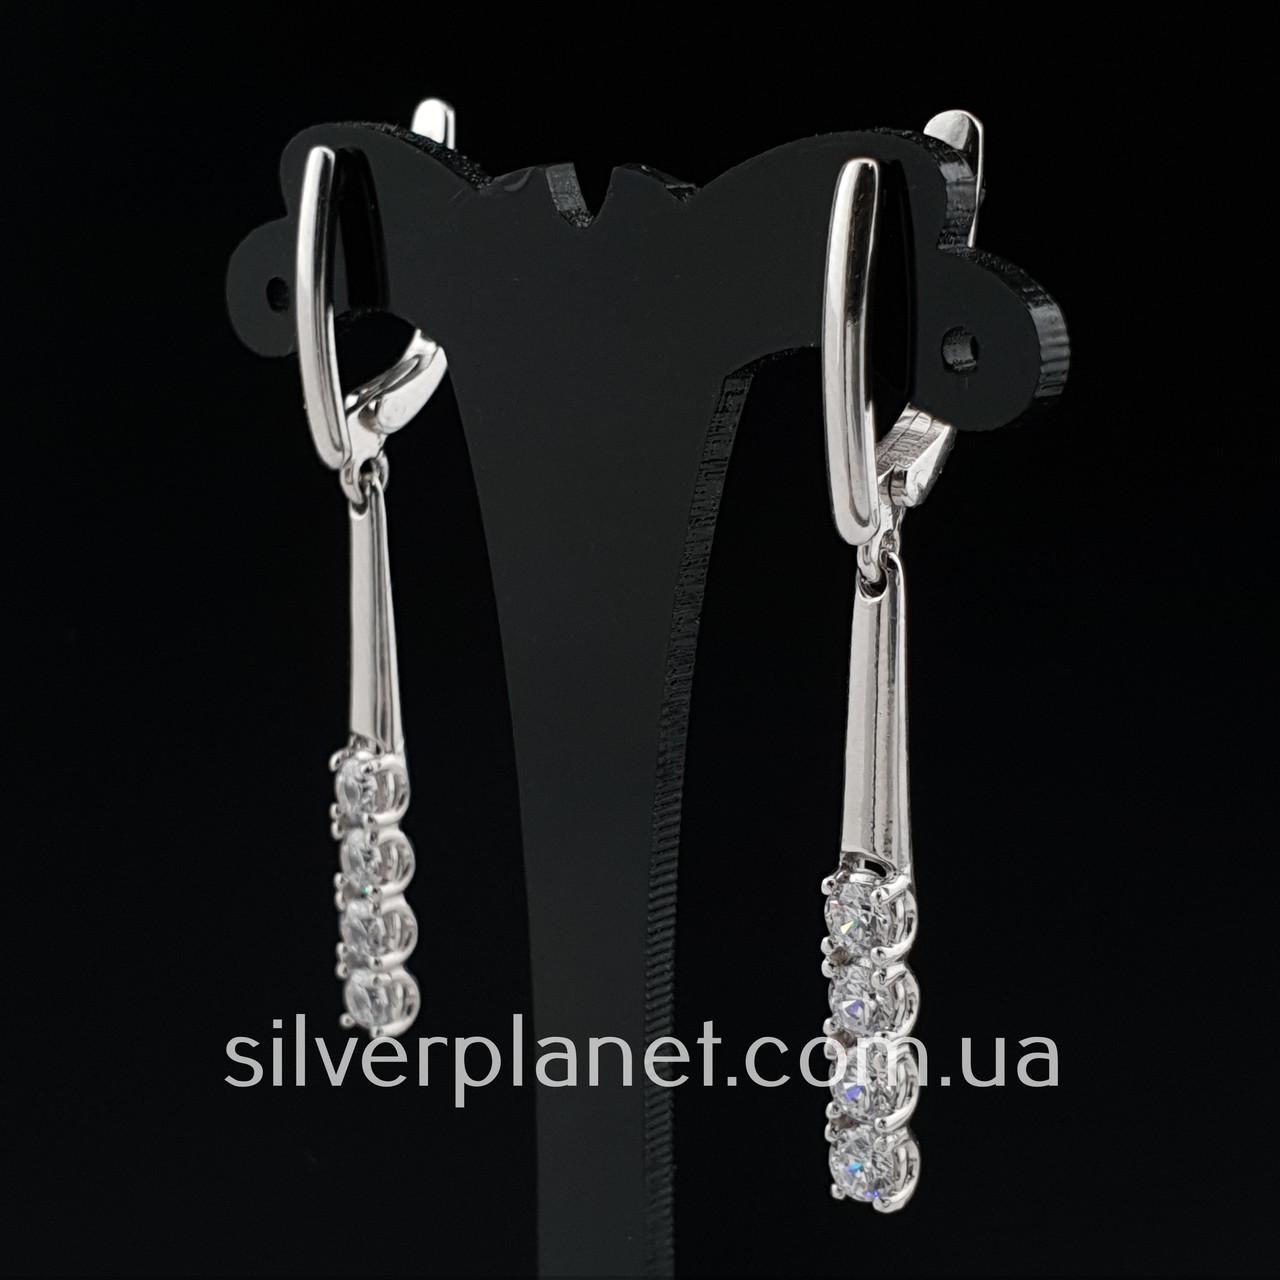 Стильні срібні сережки підвіски з камінням фіанітами родовані. Кульчики срібні висюльки з цирконієм